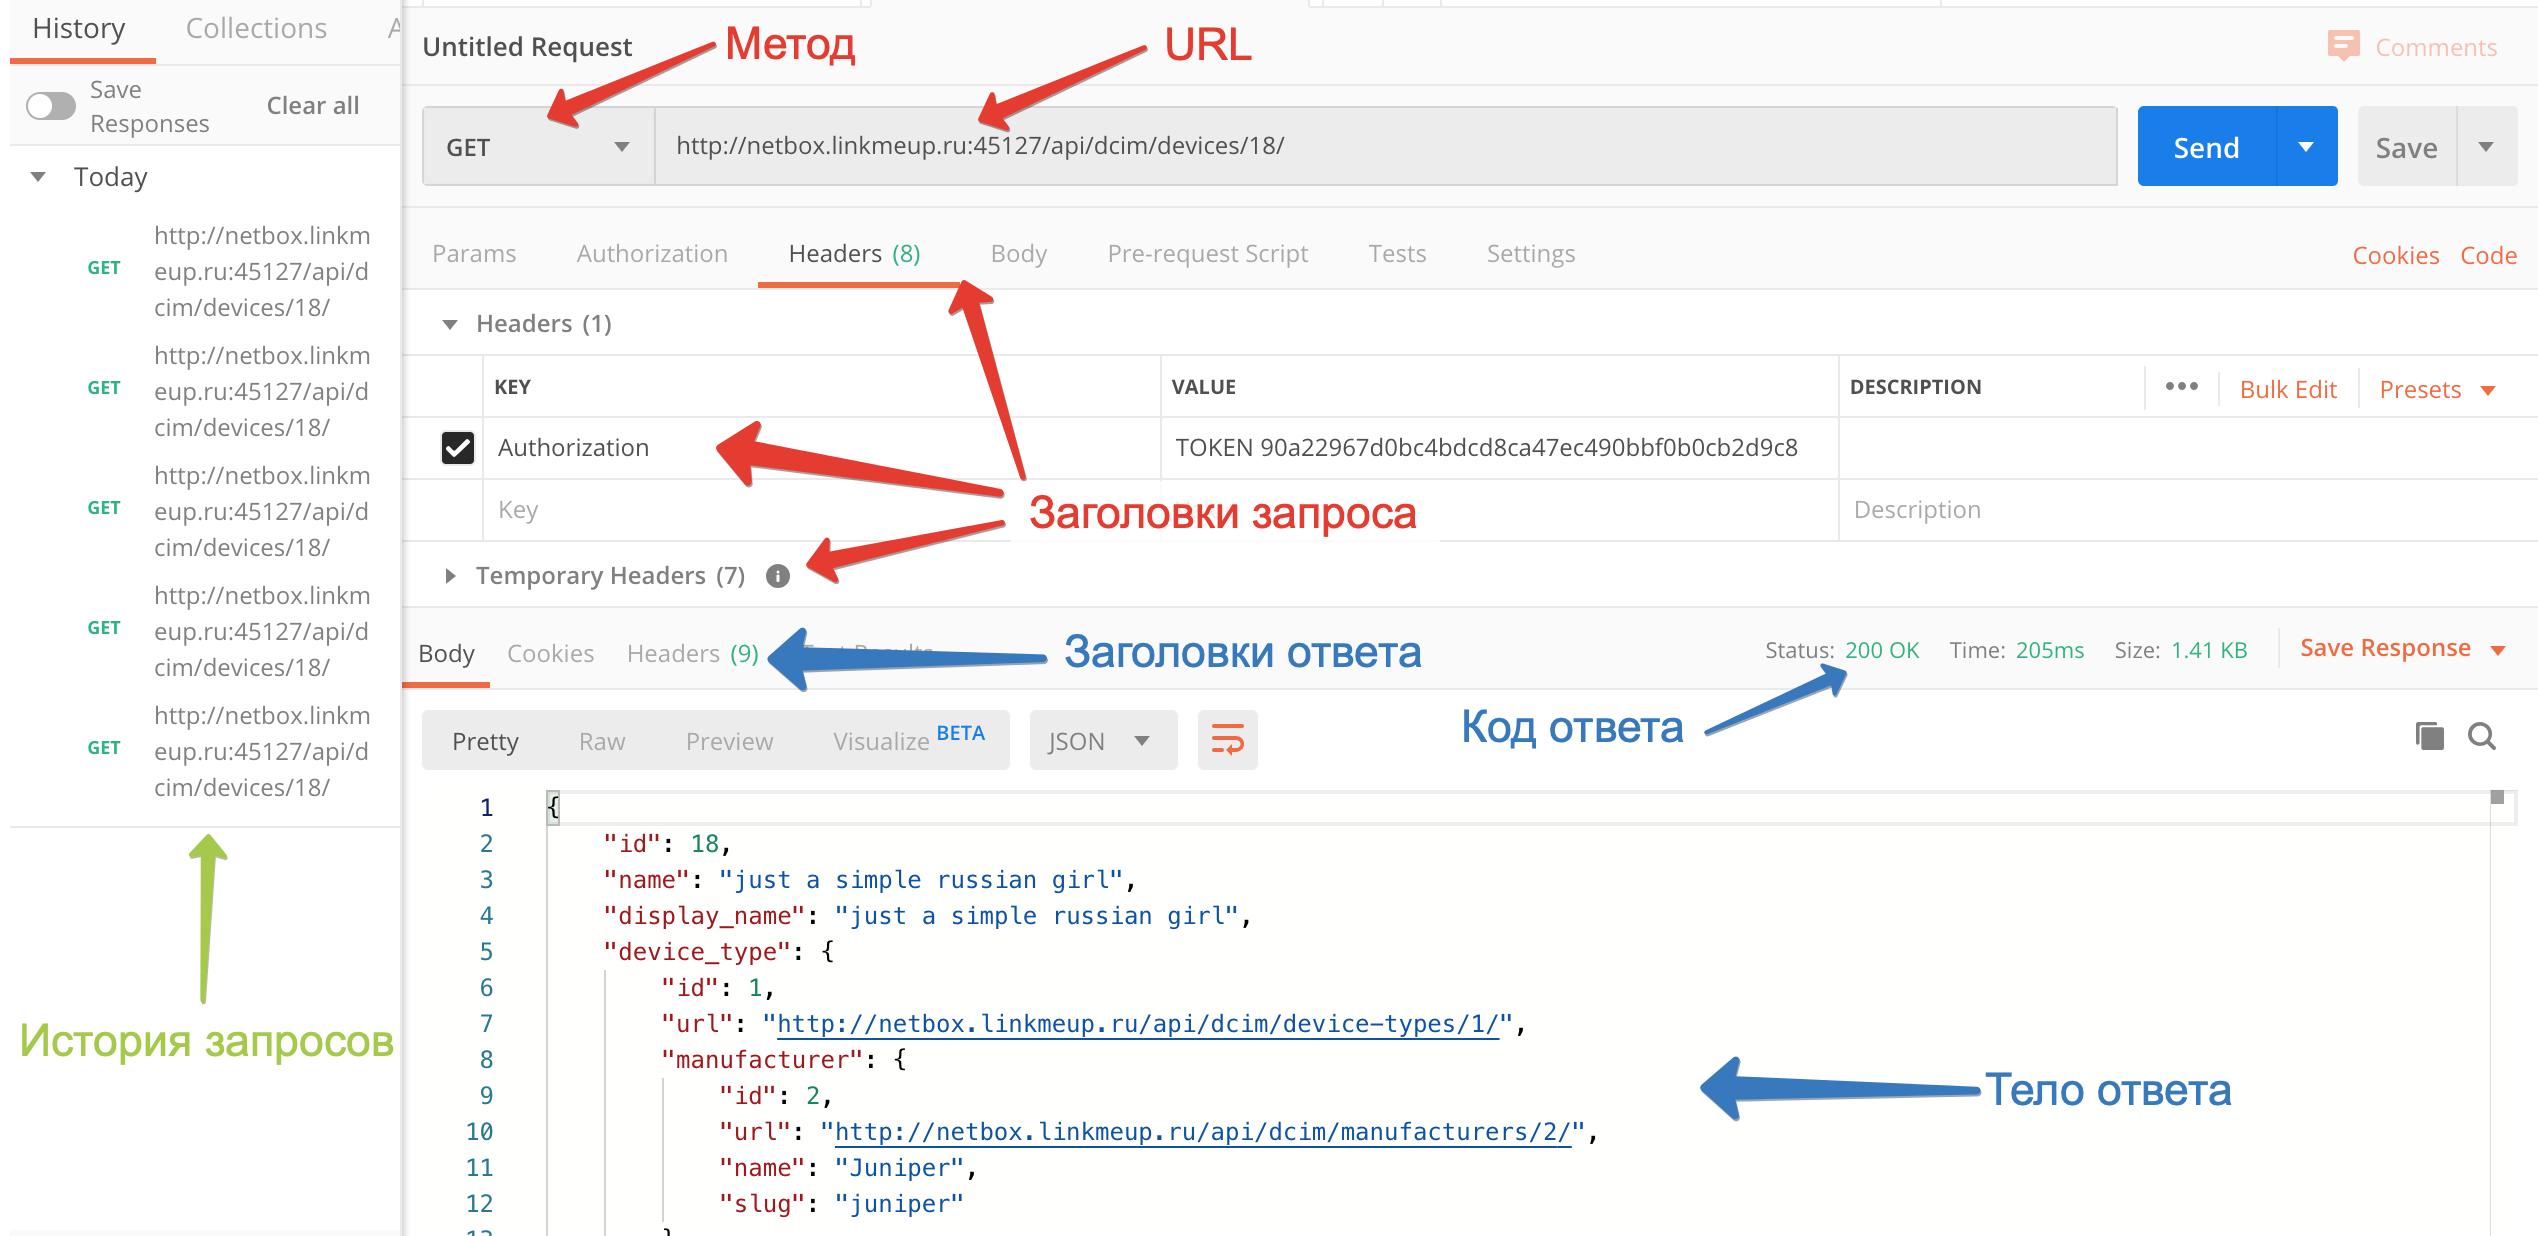 Естественный пользовательский интерфейс - natural user interface - qwe.wiki